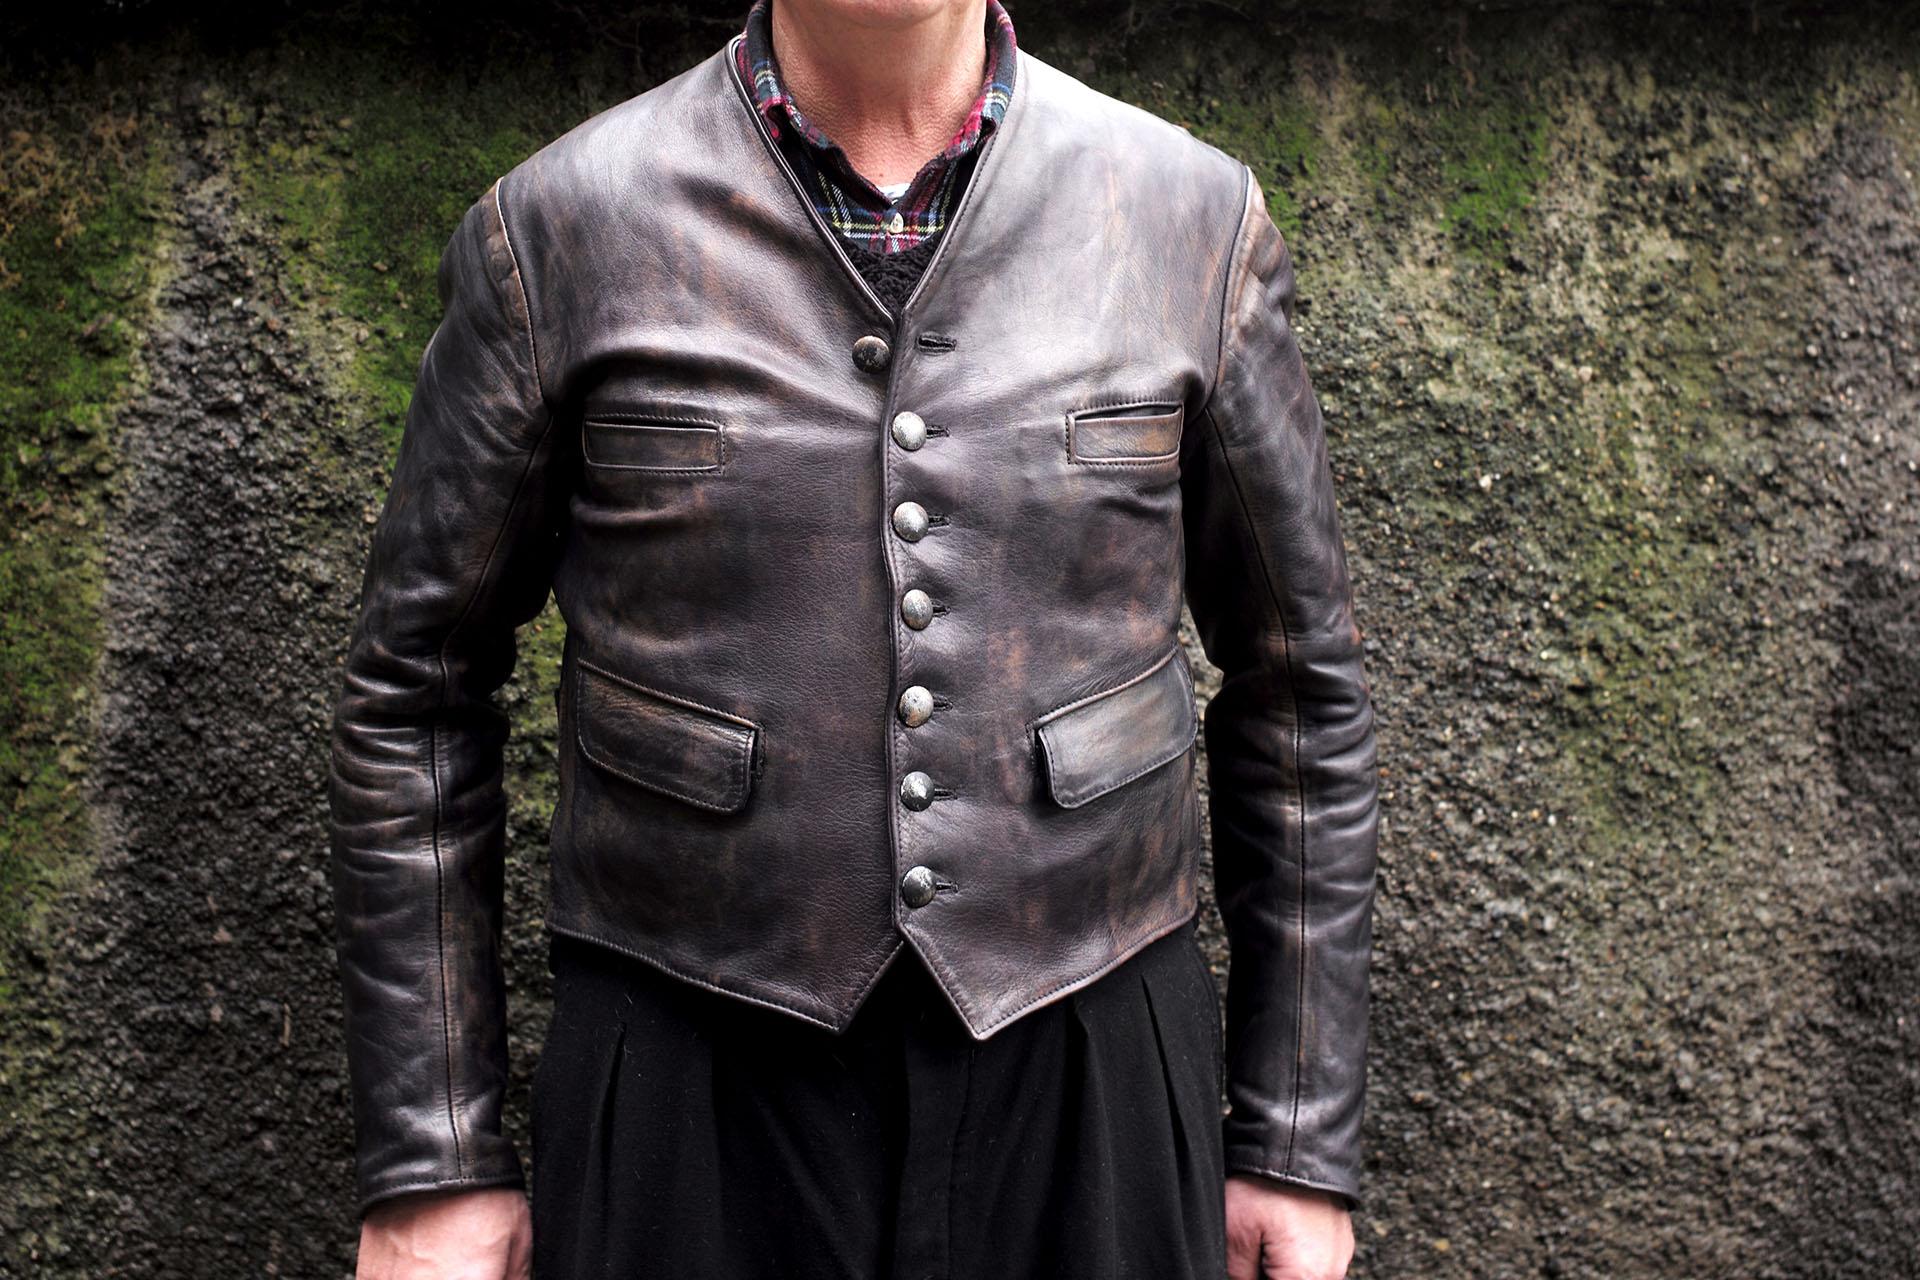 Jacke-Brecht-getragen-Lederjacke-Video-Zeitraffer